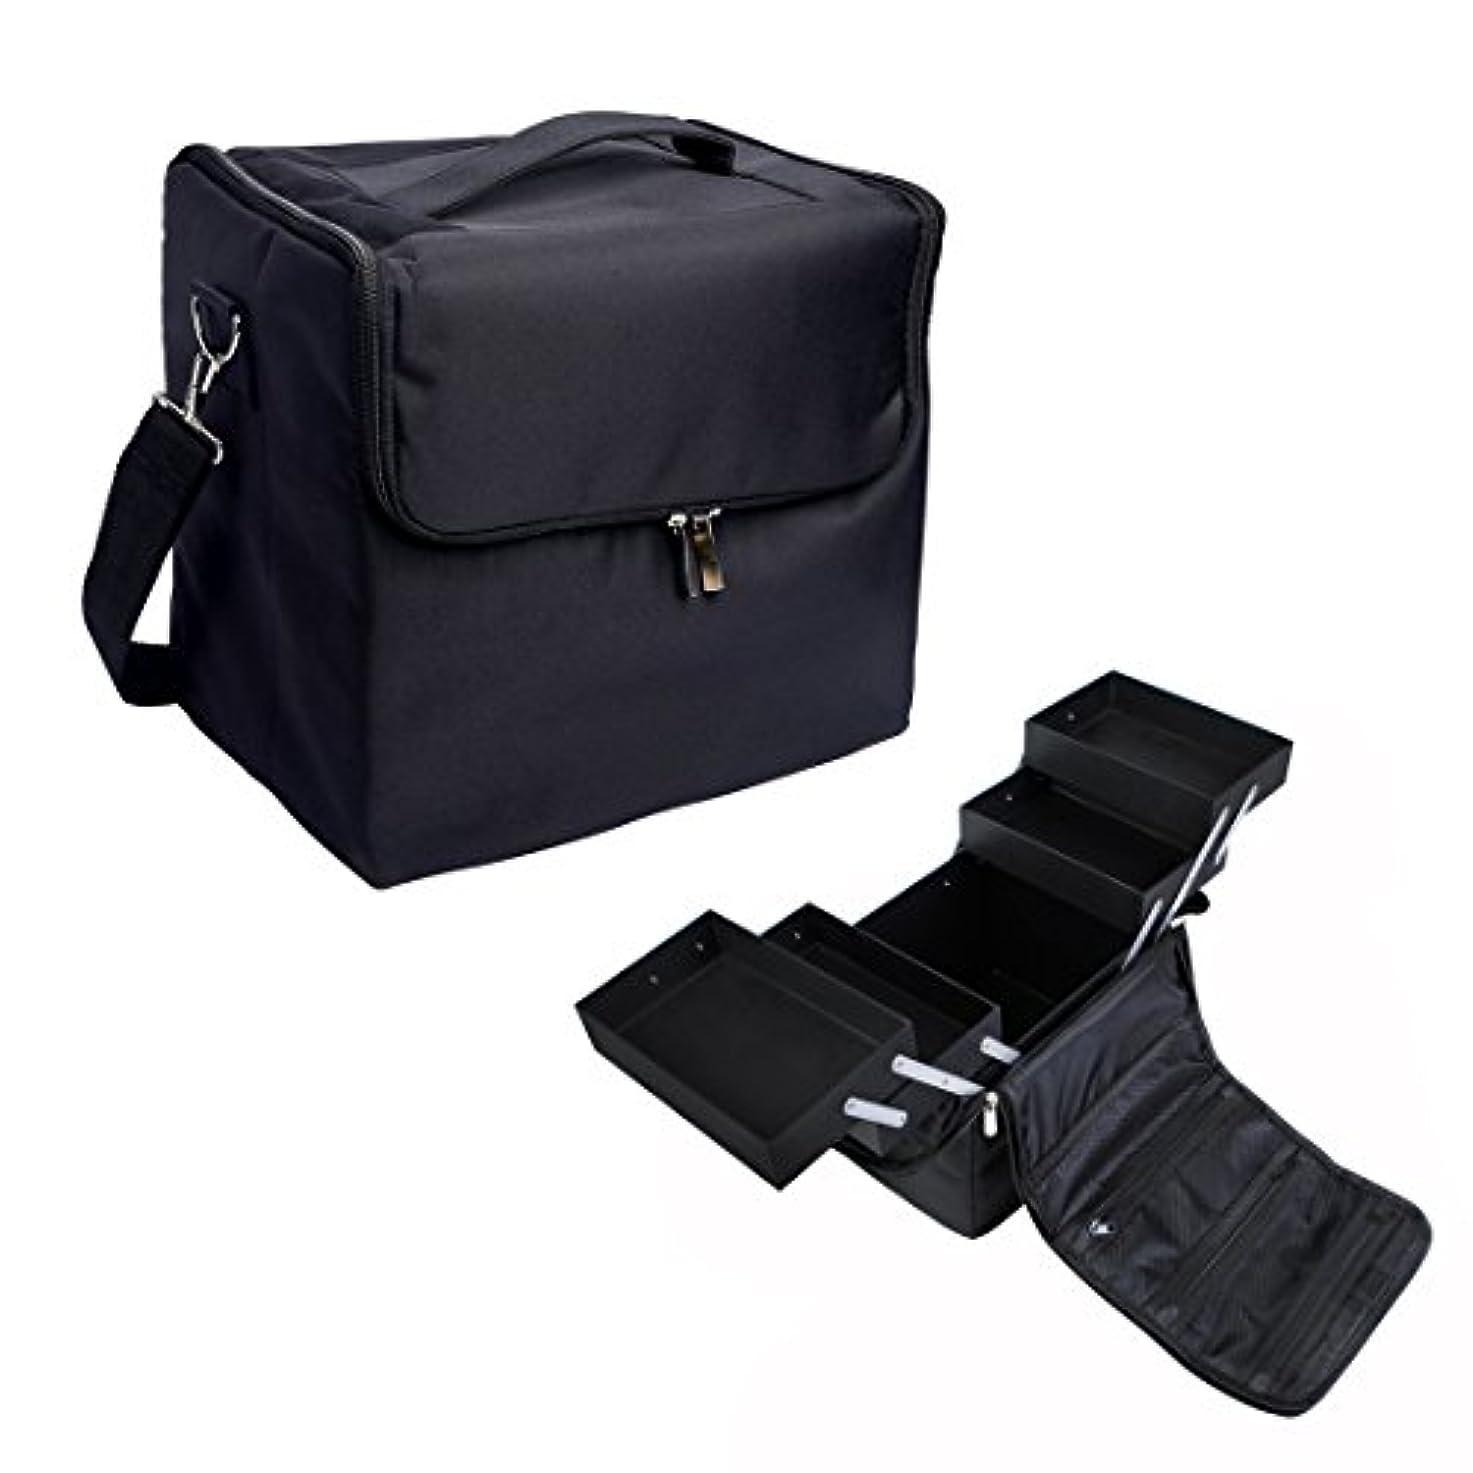 シチリア自発的広告主[プロ仕様]Hapilife メイクボックス トレイ付き プロ用 化粧品収納 ブラック